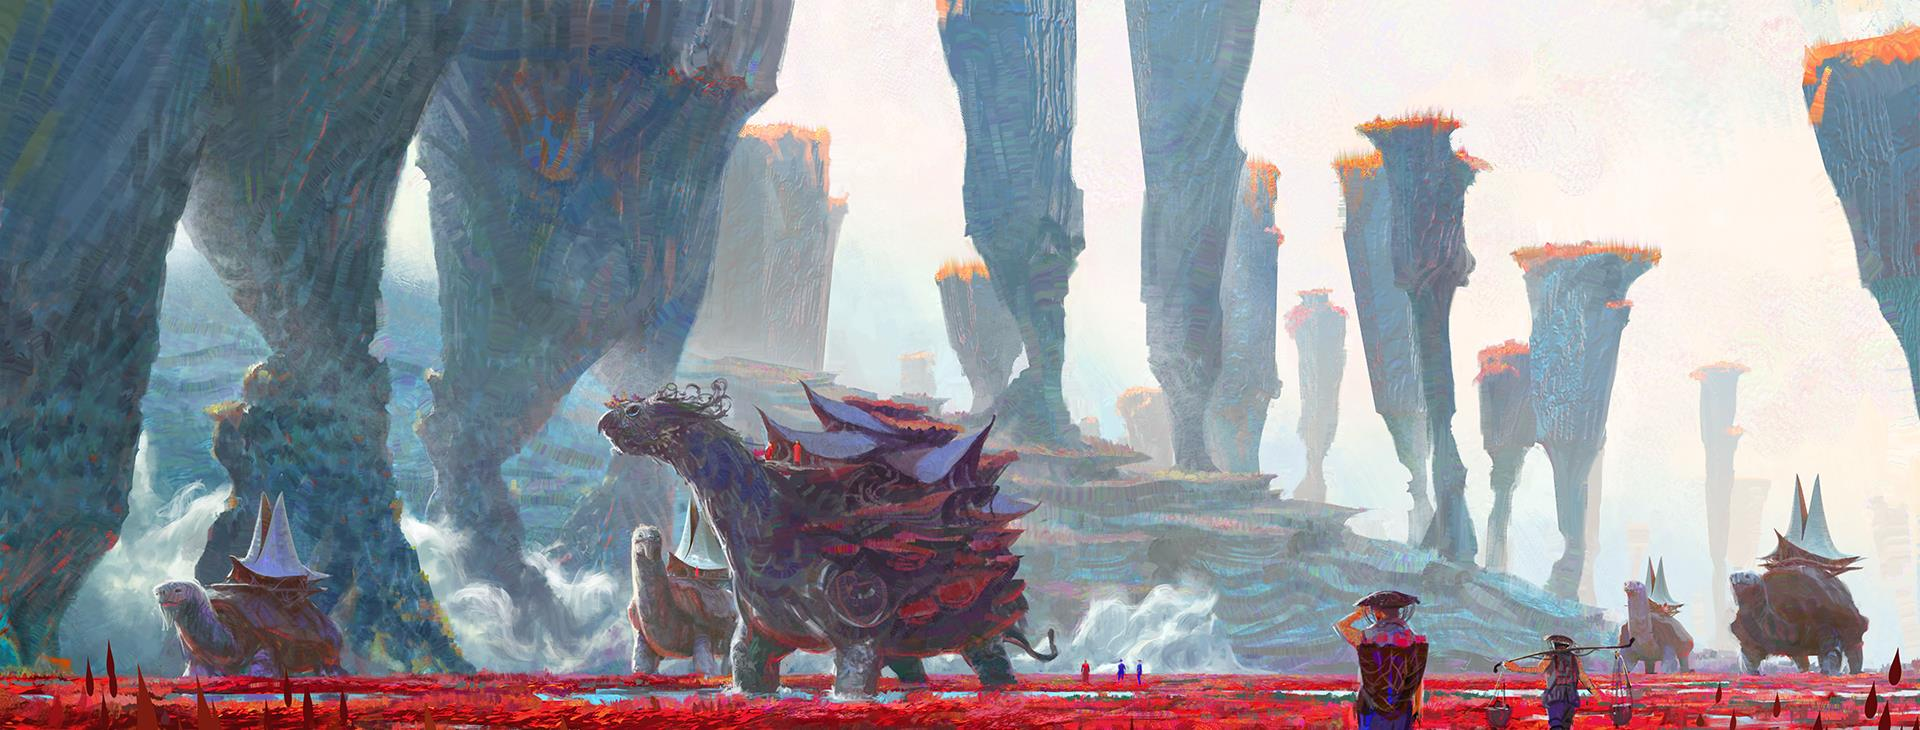 爱唱歌的小炮手,聊聊班德尔城的守护者崔丝塔娜的故事 班德尔城 塔娜 约德尔人 崔丝塔娜 端游热点  第6张